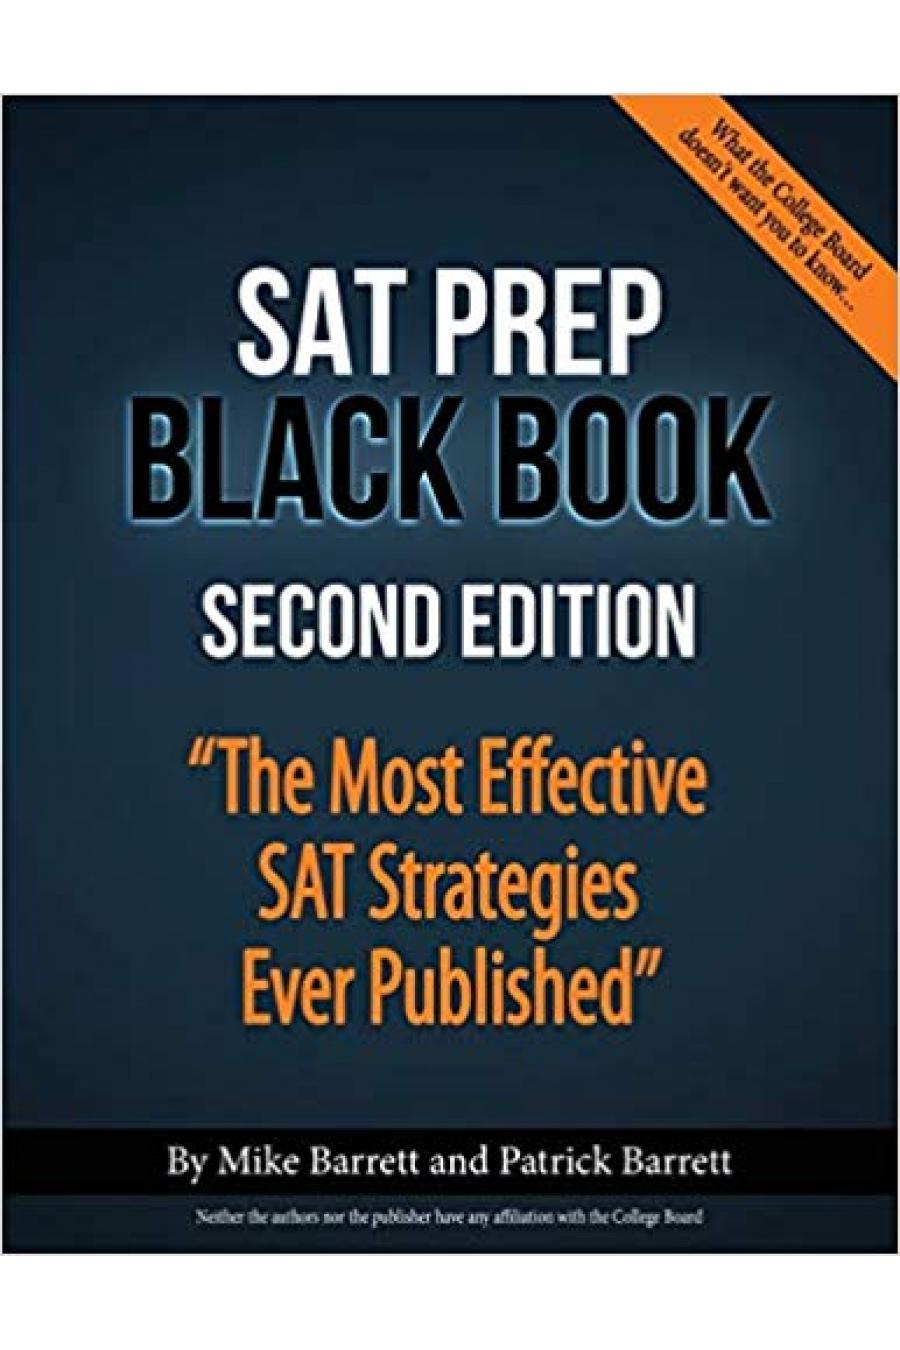 the SAT prep black book 2nd (barrett, barrett)